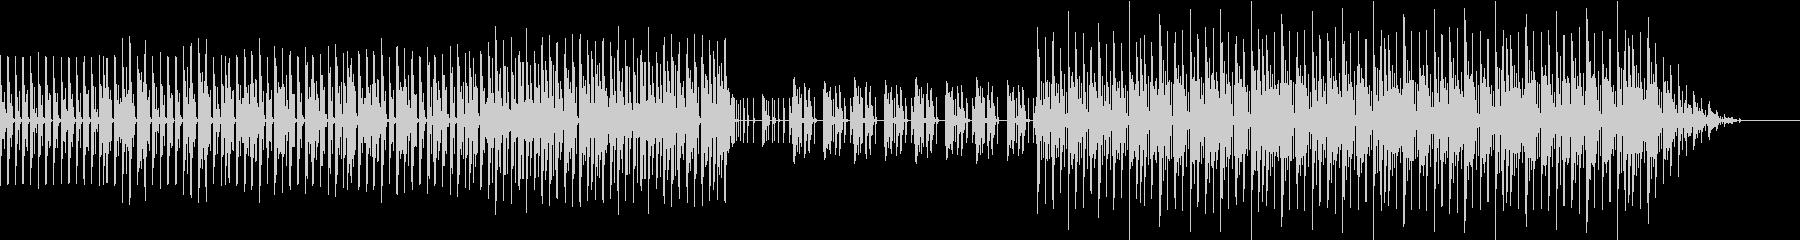 シンプルなエレクトロファンクの未再生の波形